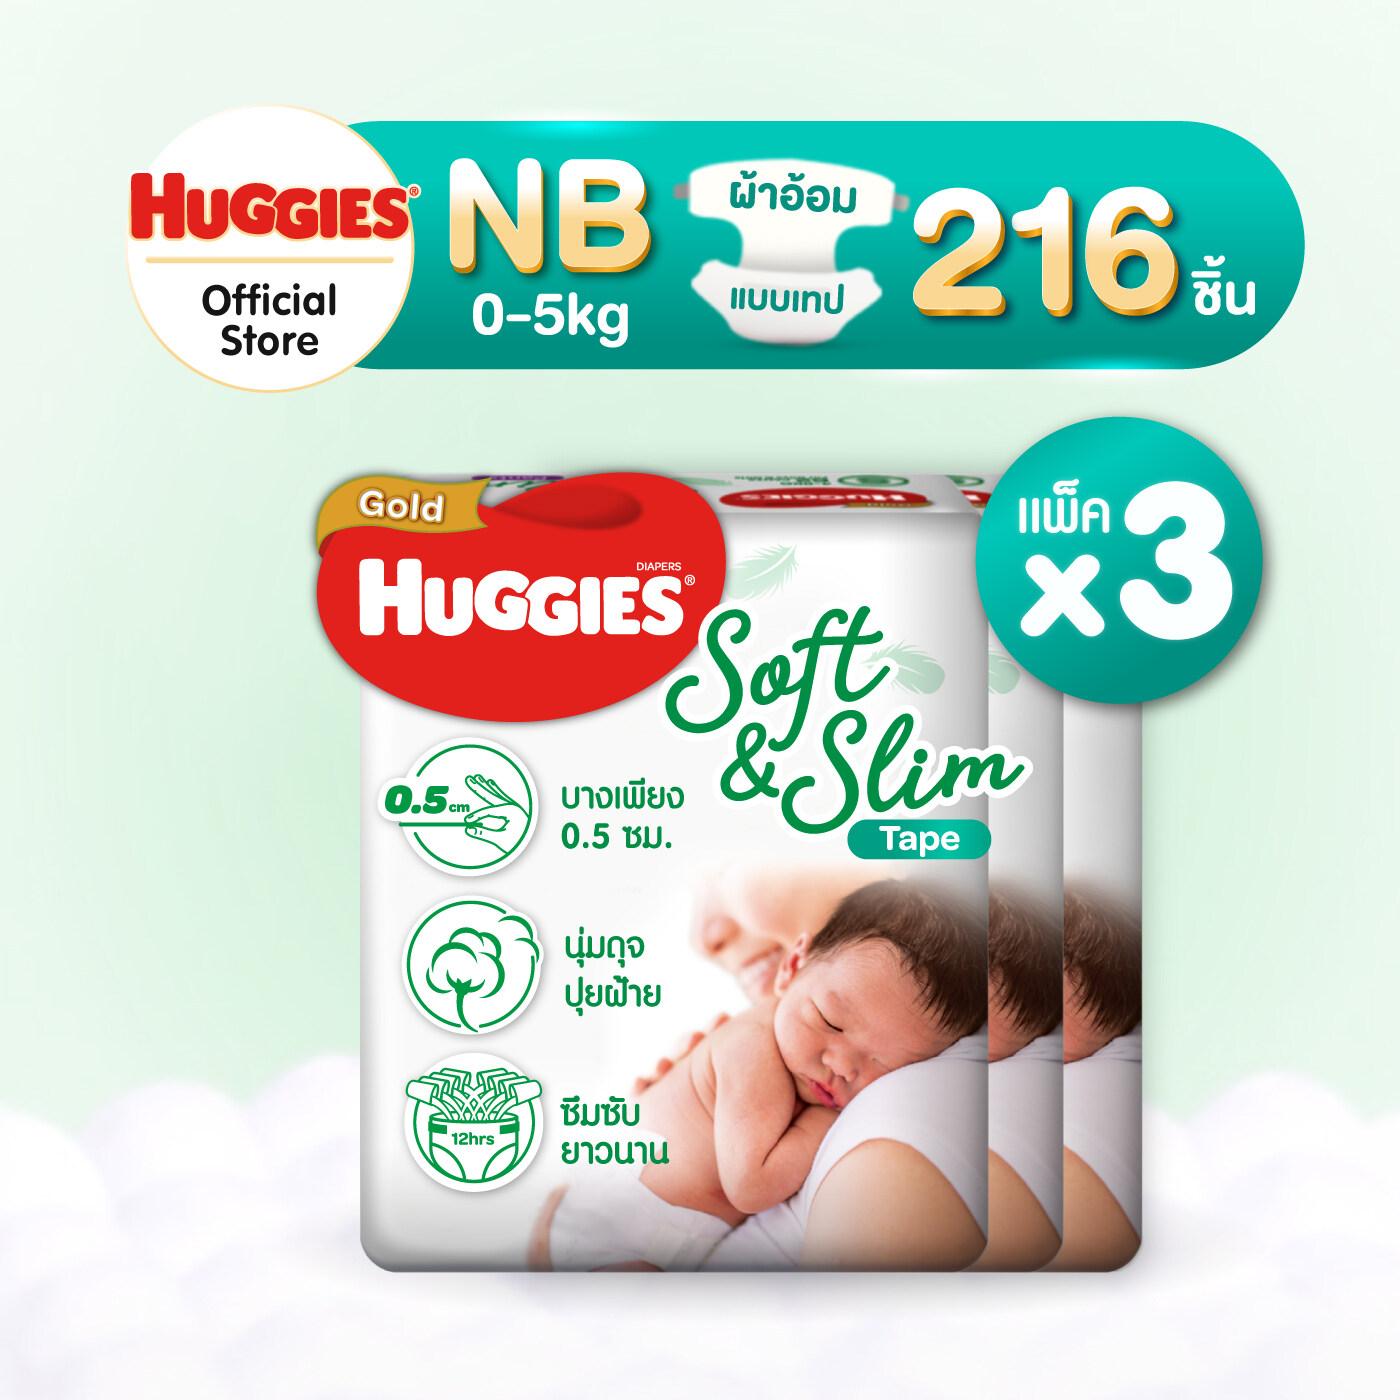 [ยกลัง] Huggies Gold Soft&Slim Tape [NB-S] แพมเพิสเด็ก ผ้าอ้อมเด็ก ผ้าอ้อมแรกเกิด พรีเมียม ฮักกี้ส์ โกลด์ ซอฟท์แอนด์สลิม แบบเทป ไซส์ NB-S 3 แพ็ค